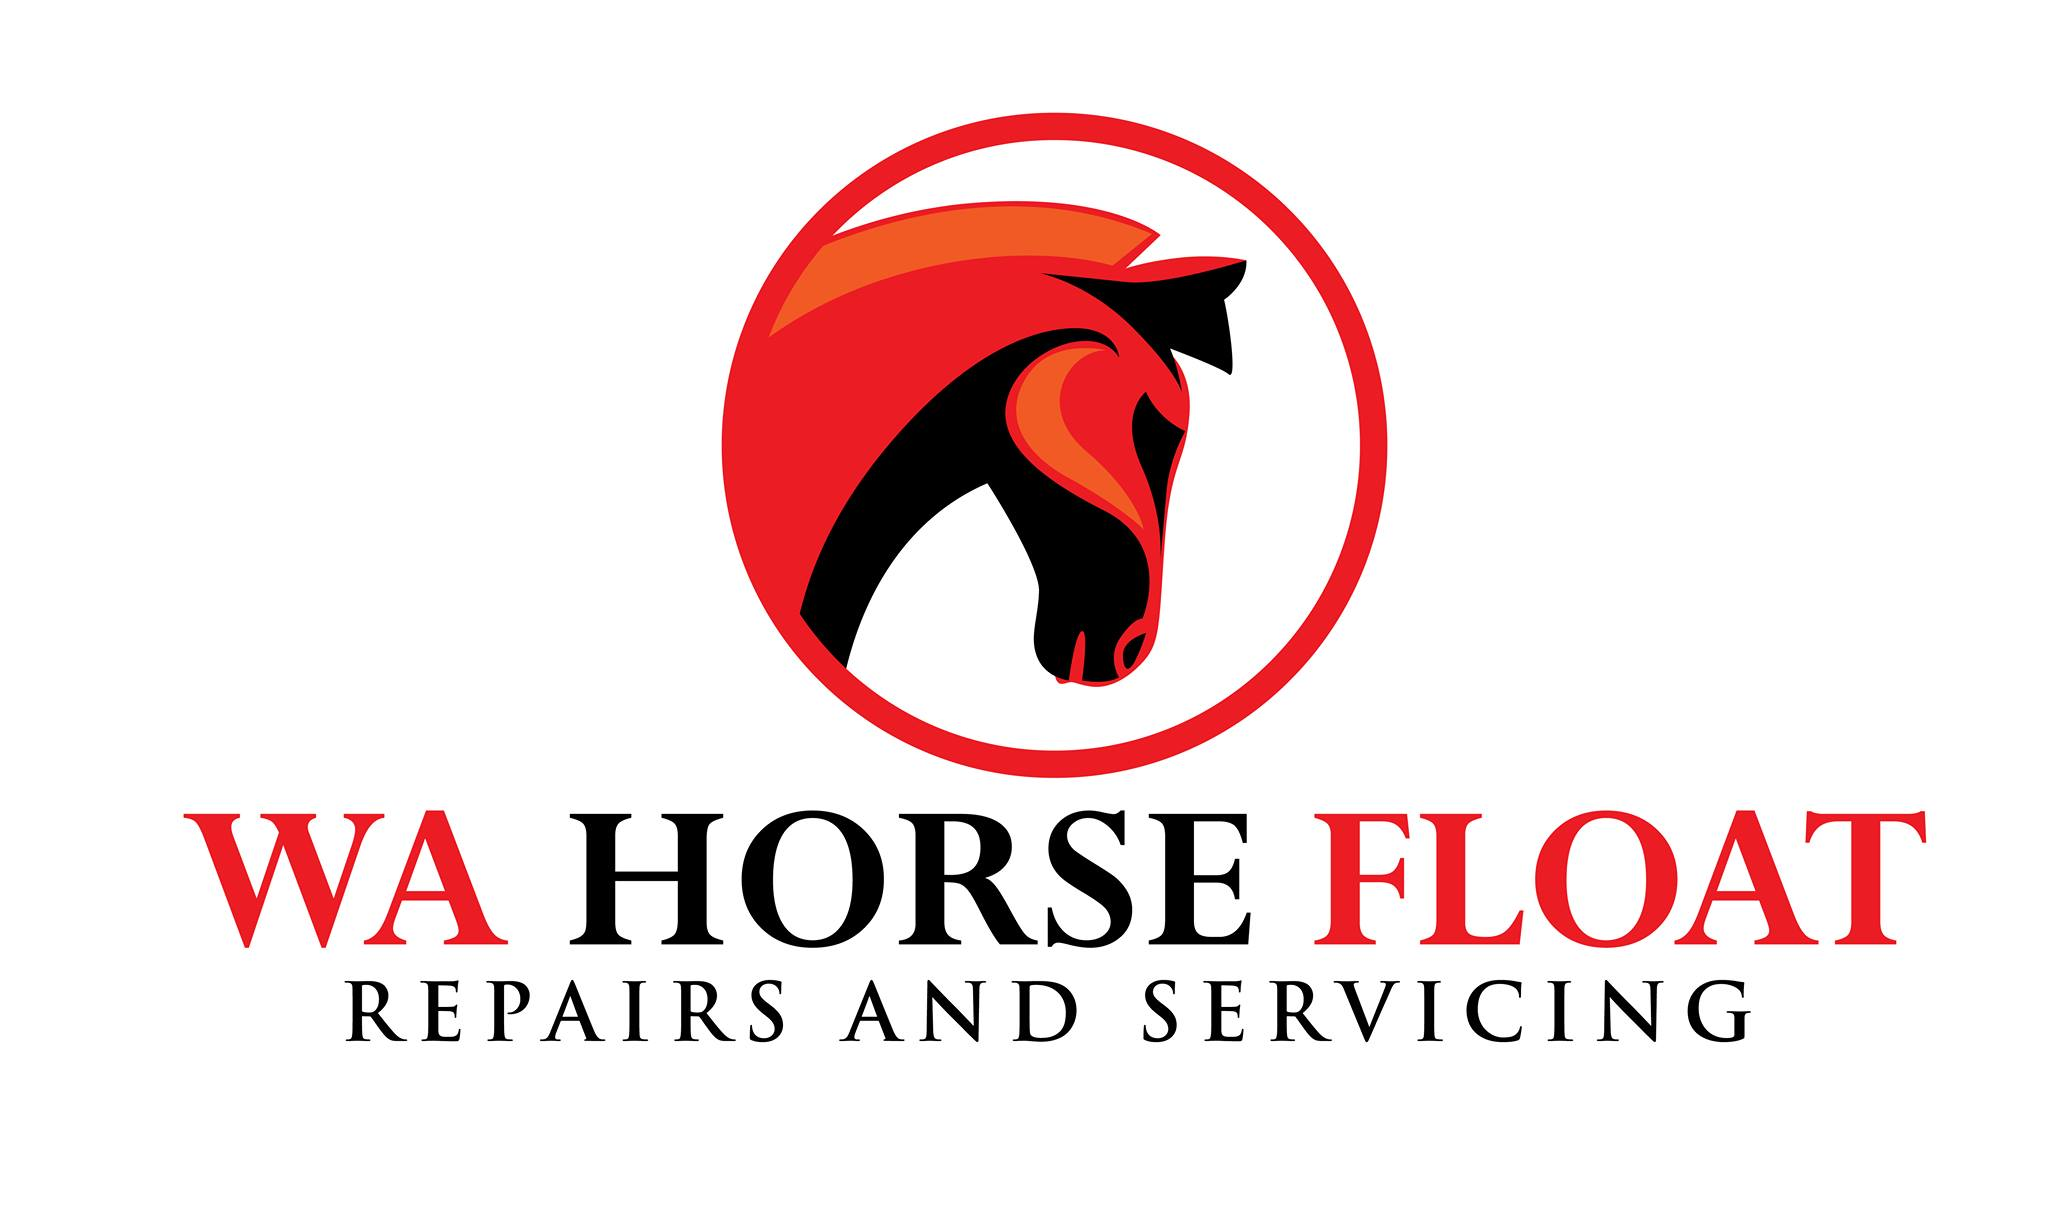 WA Horse Float